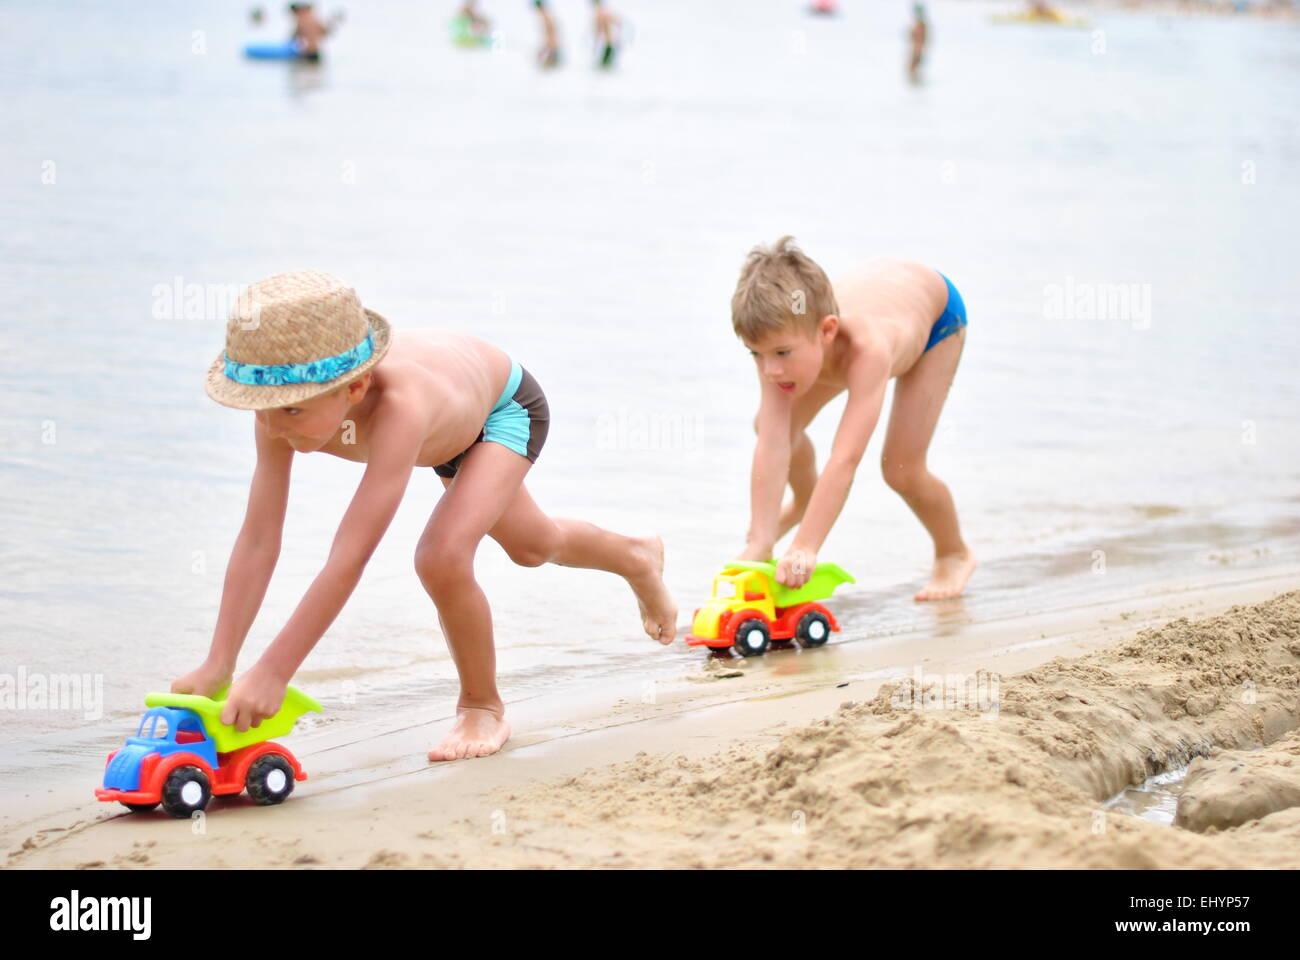 Muchachos jugando con coches de plástico en la playa Imagen De Stock